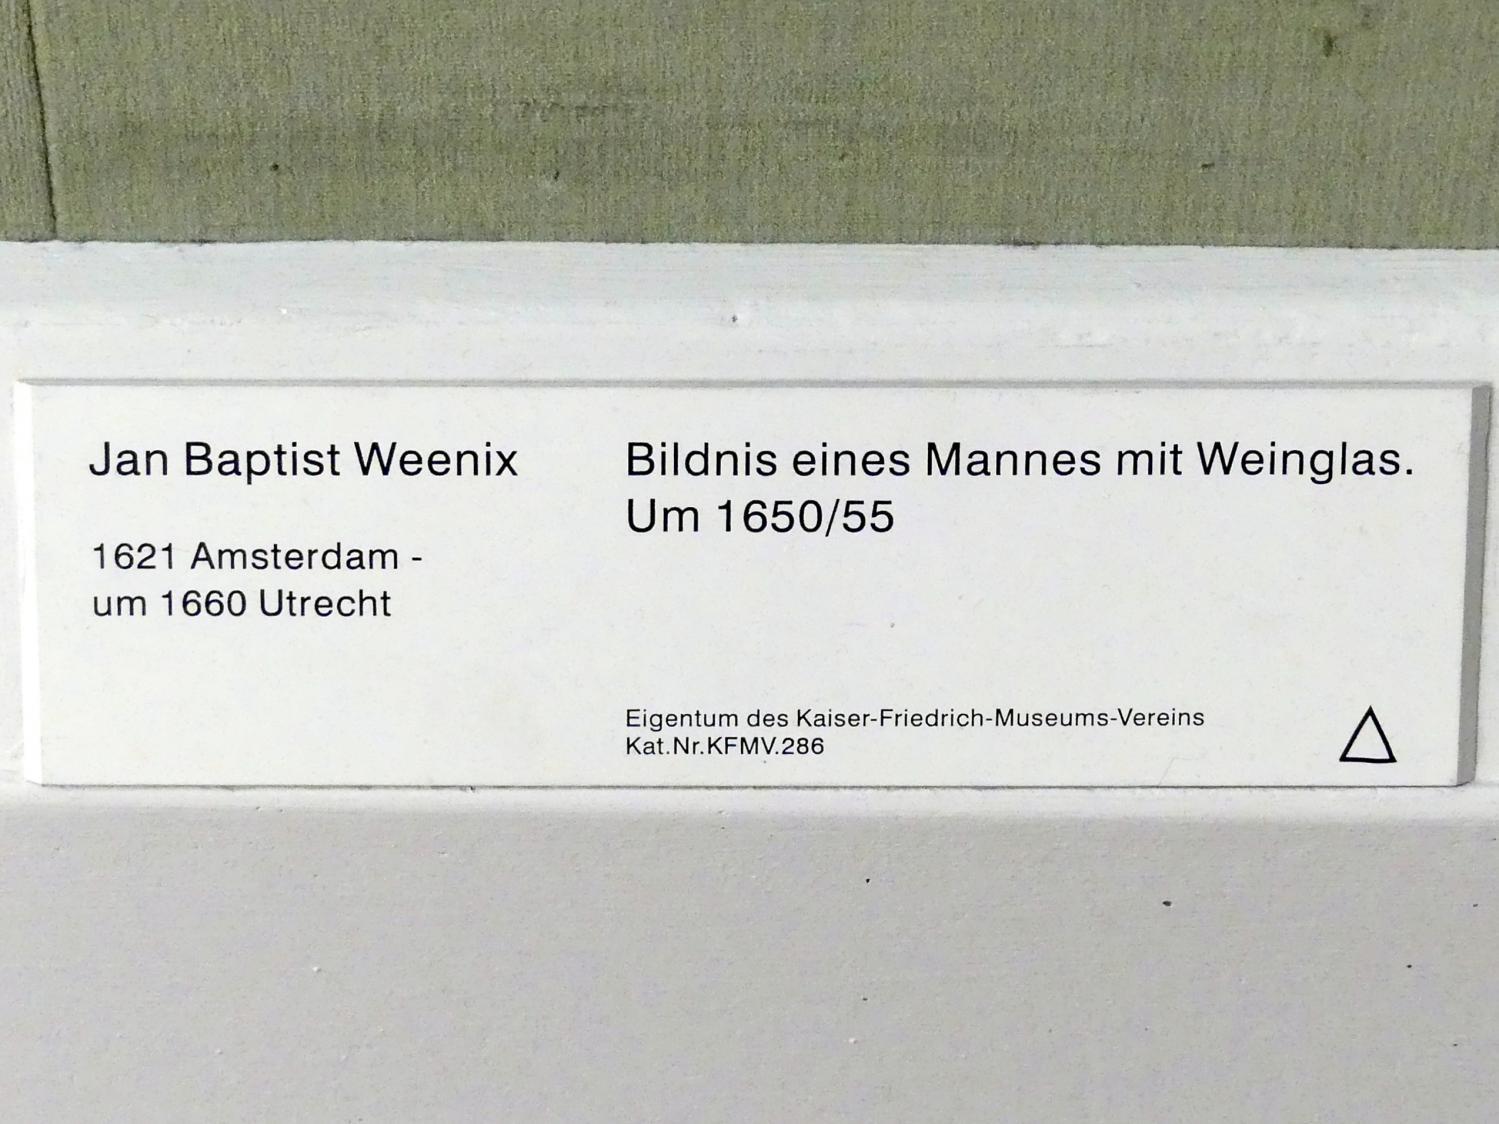 Jan Baptist Weenix: Bildnis eines Mannes mit Weinglas, um 1650 - 1655, Bild 2/2